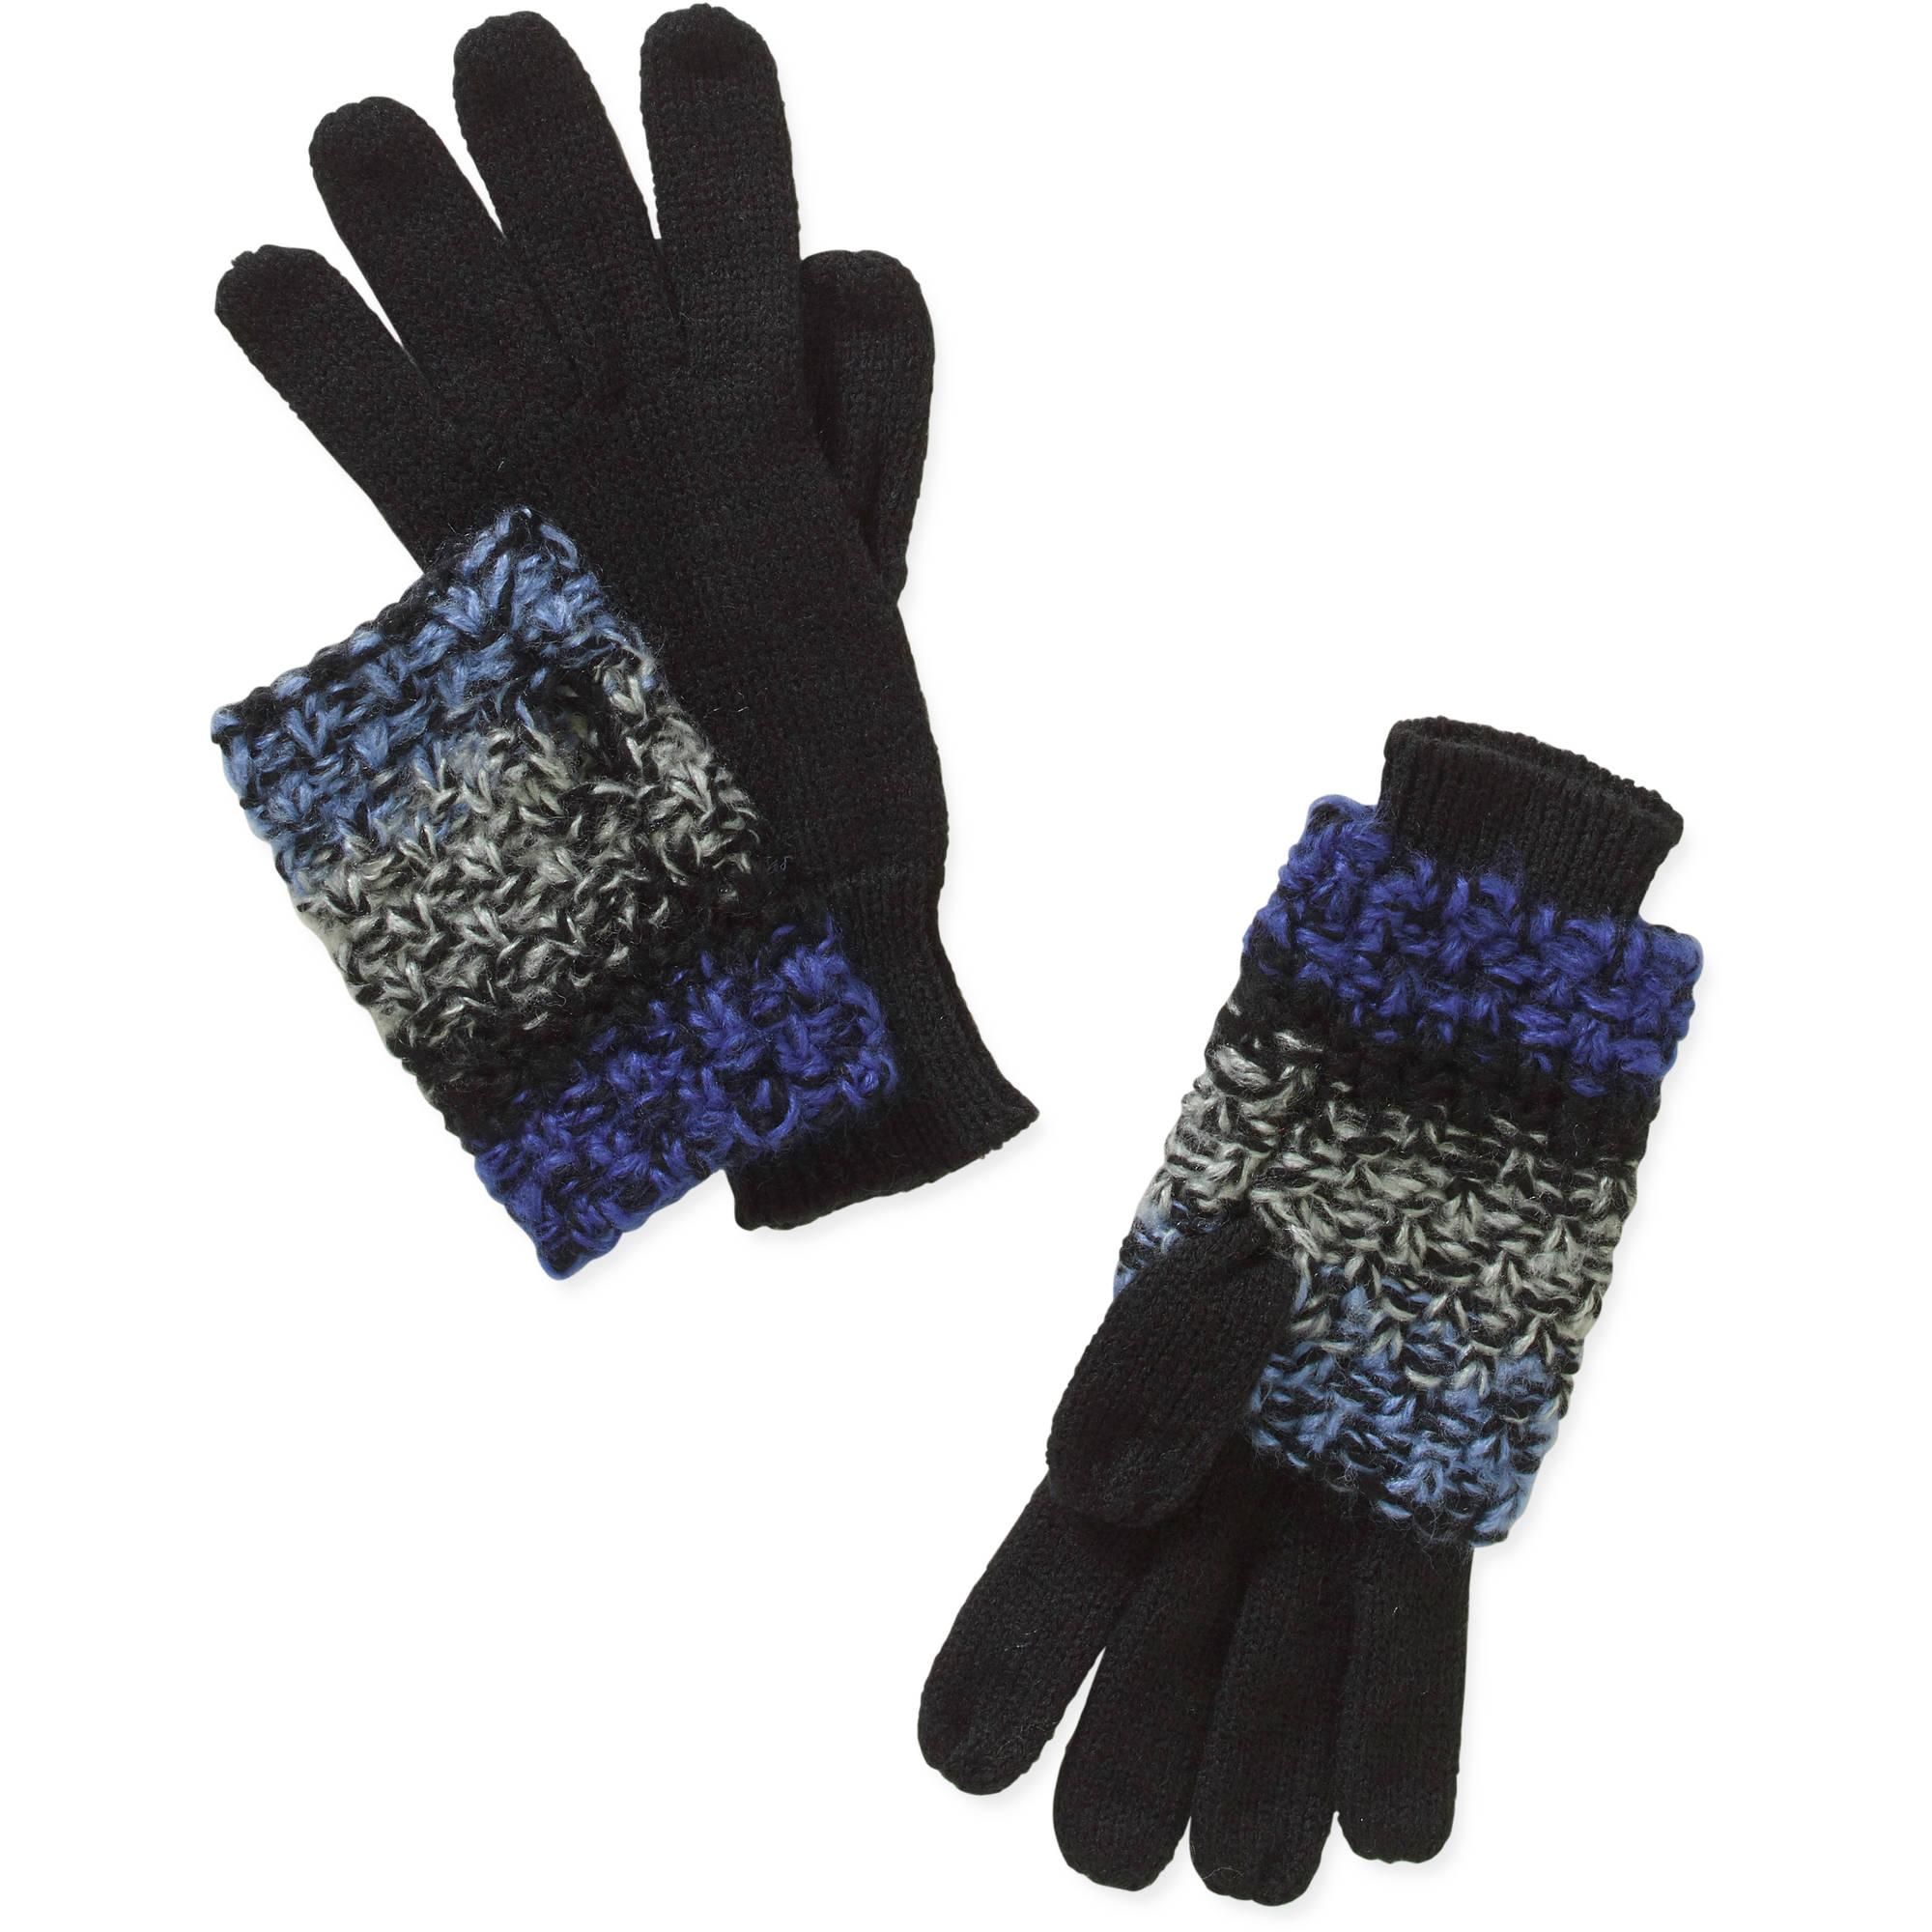 Women's 3-In-1 Marled Glove